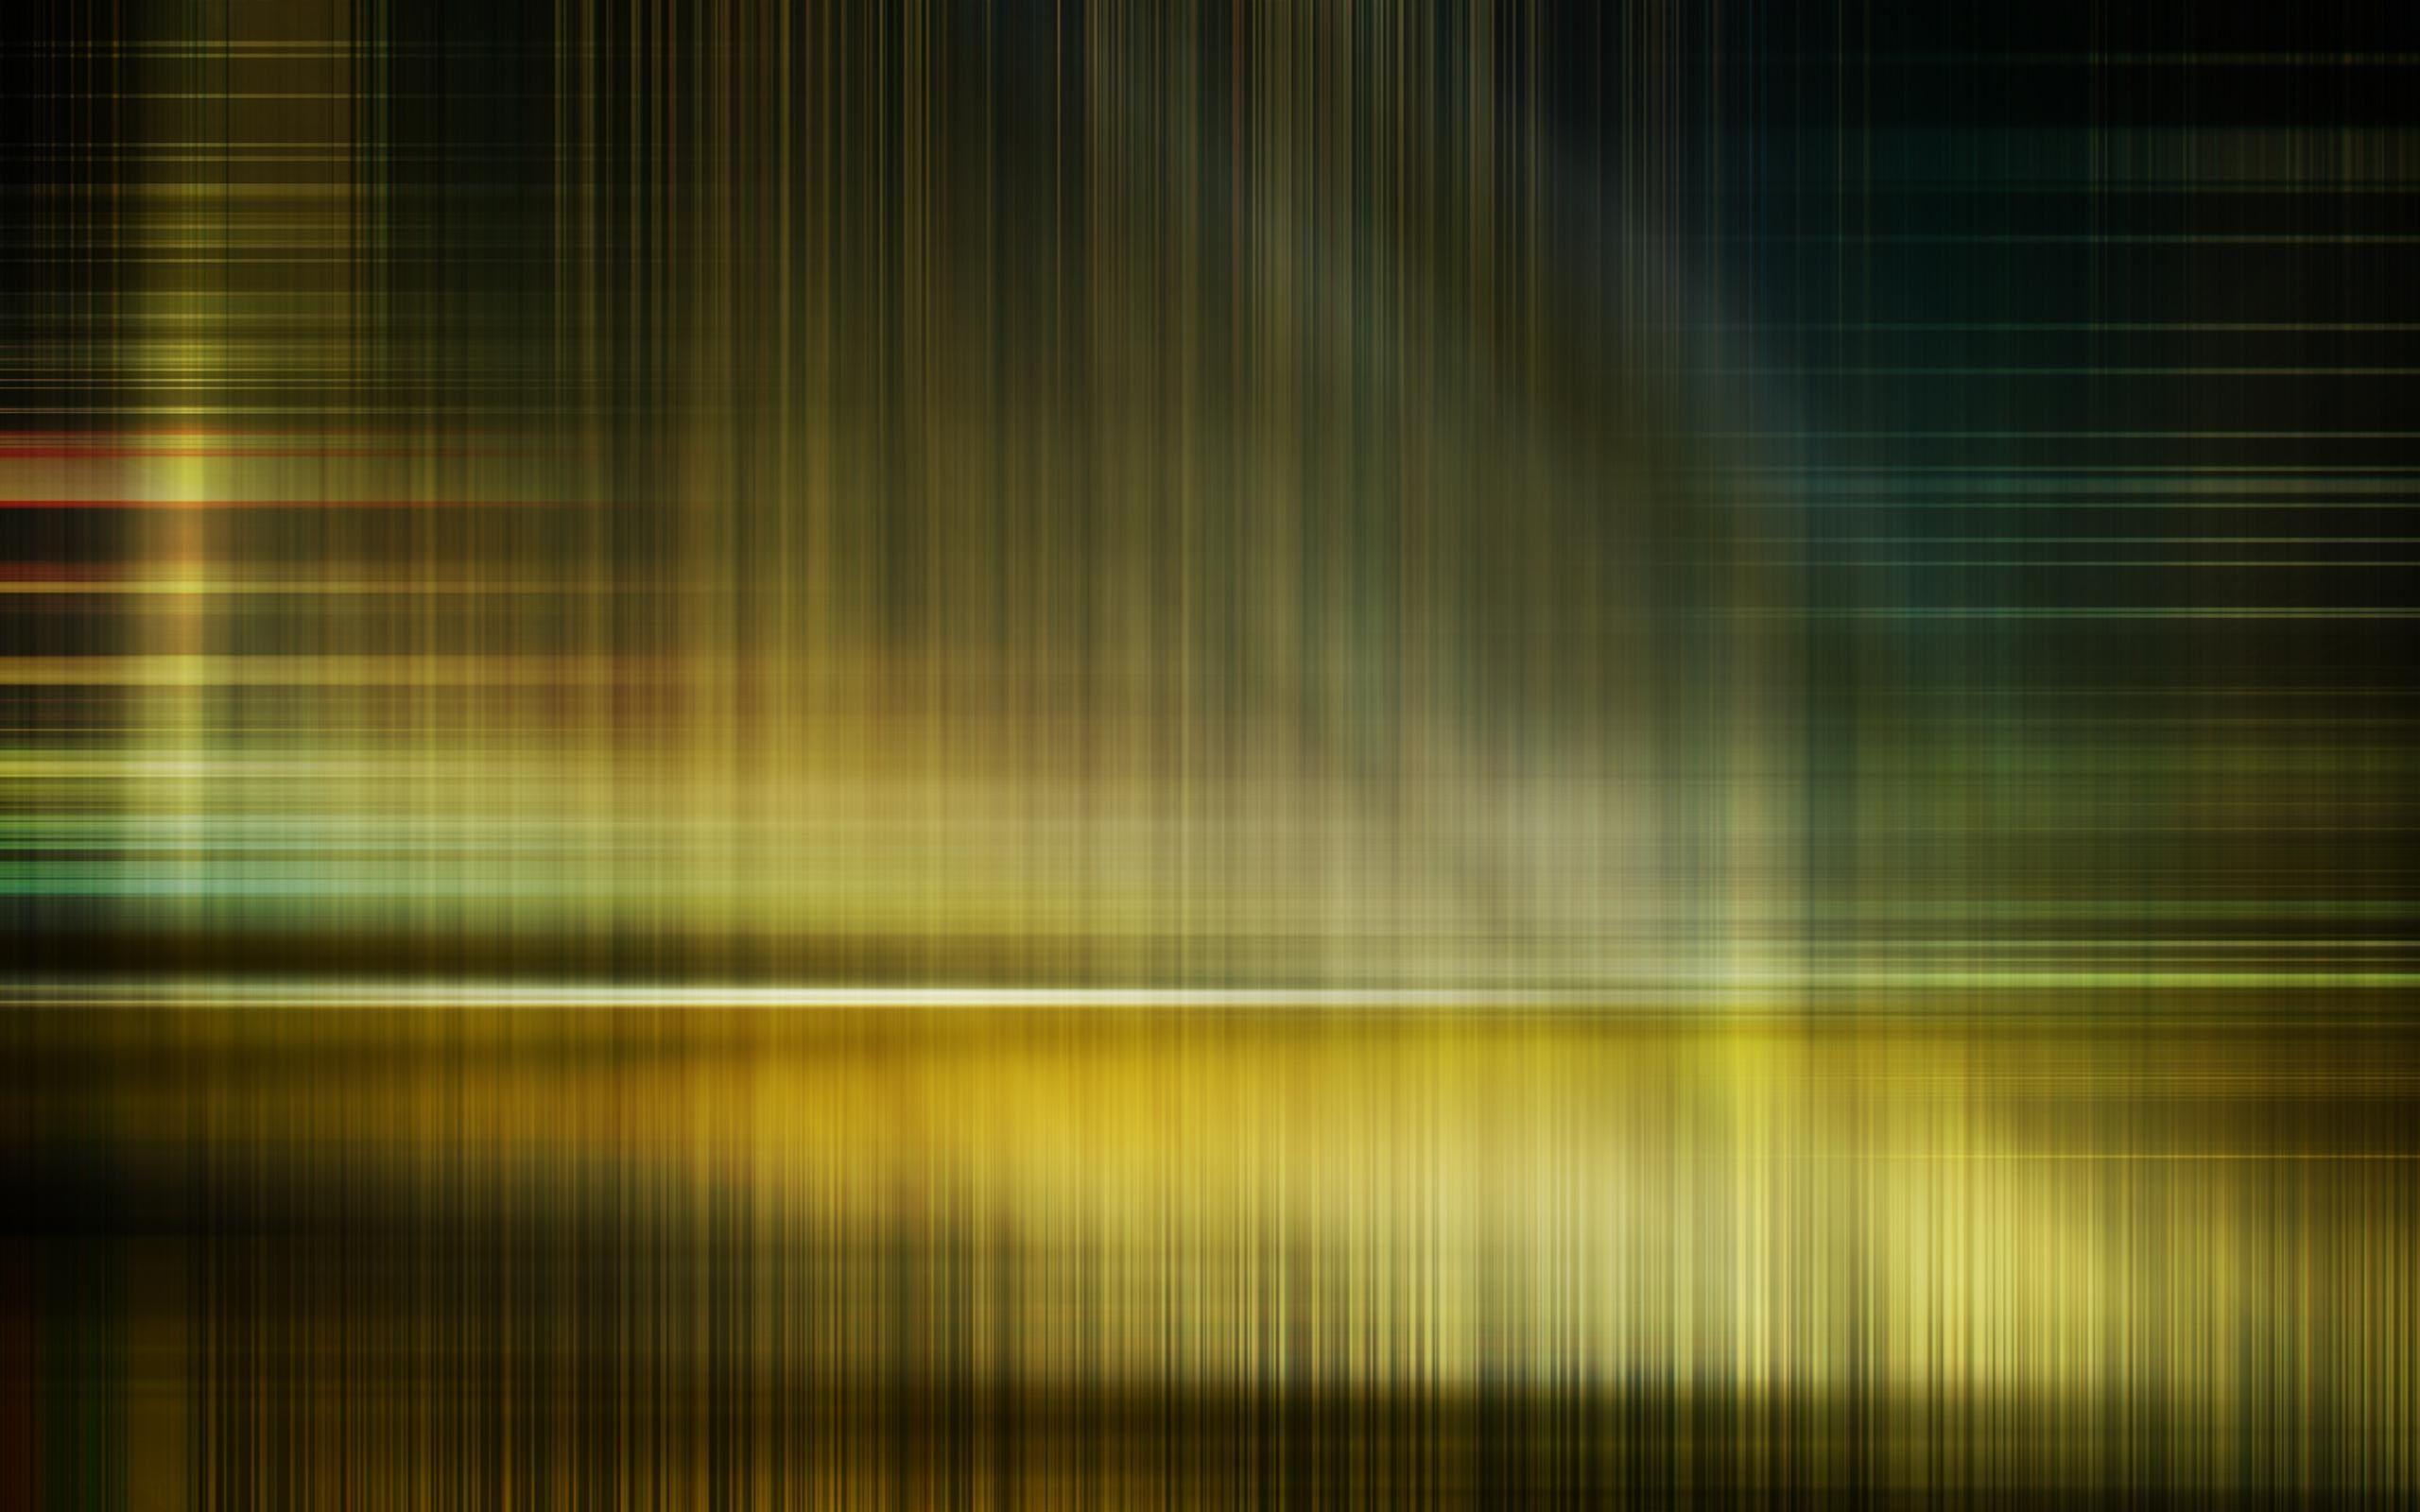 Yellow Desktop Nexus Wallpaper 2560x1600